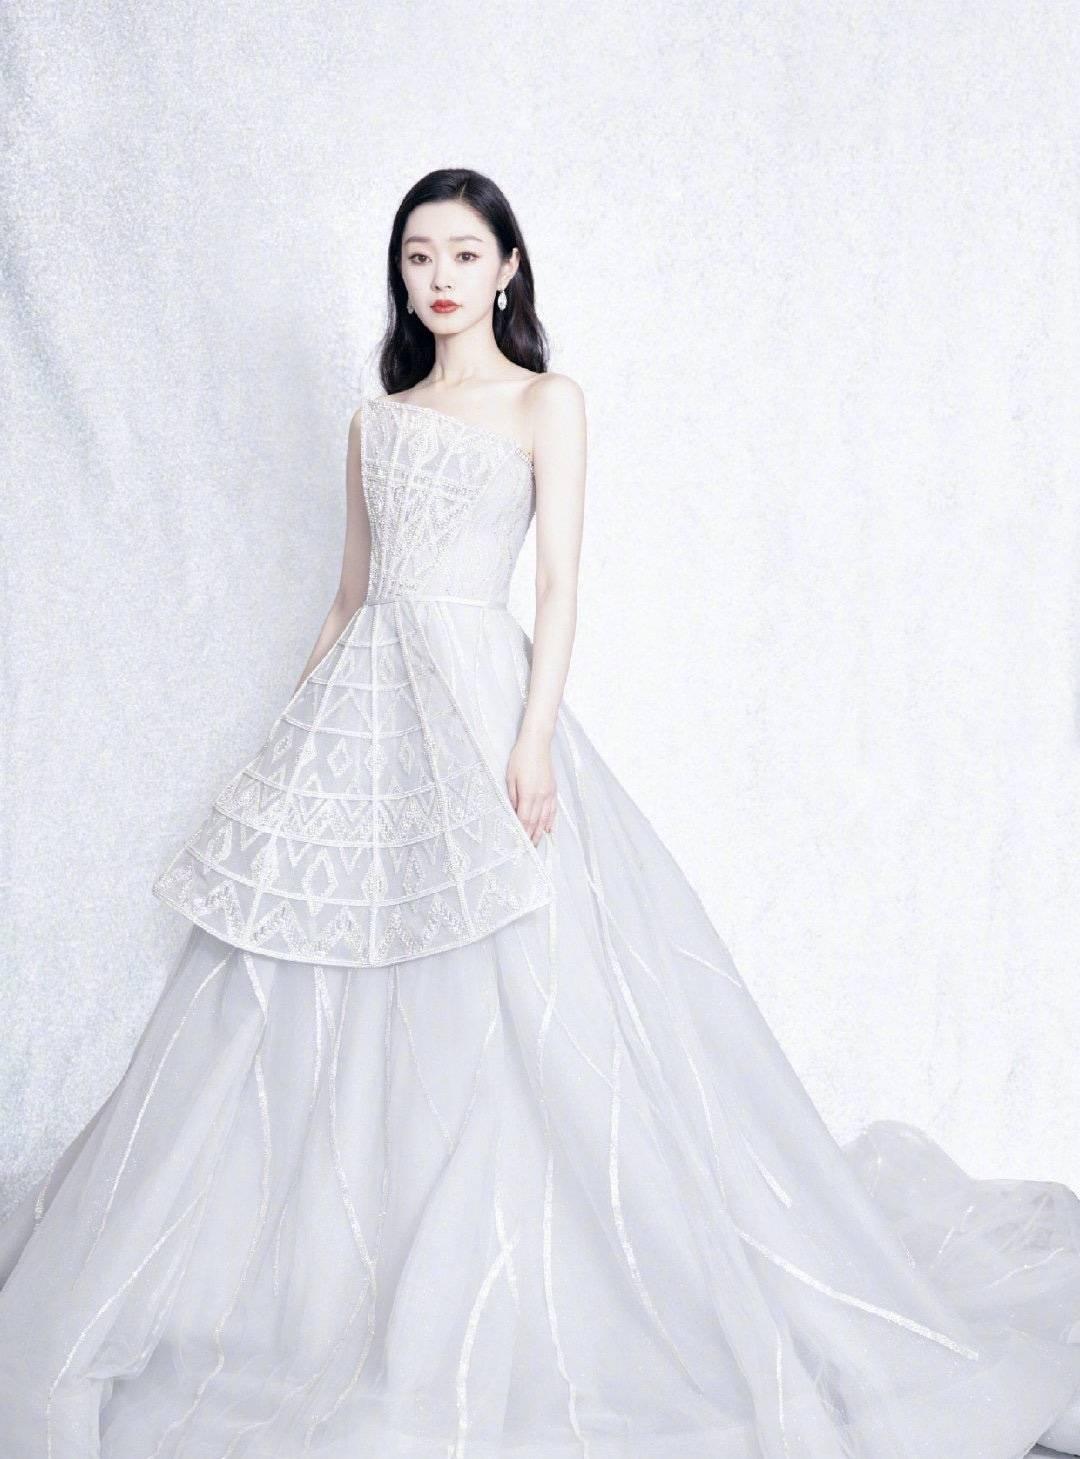 宋轶出席活动,身穿浪漫白色连衣裙宛如公主,白到发光的美貌